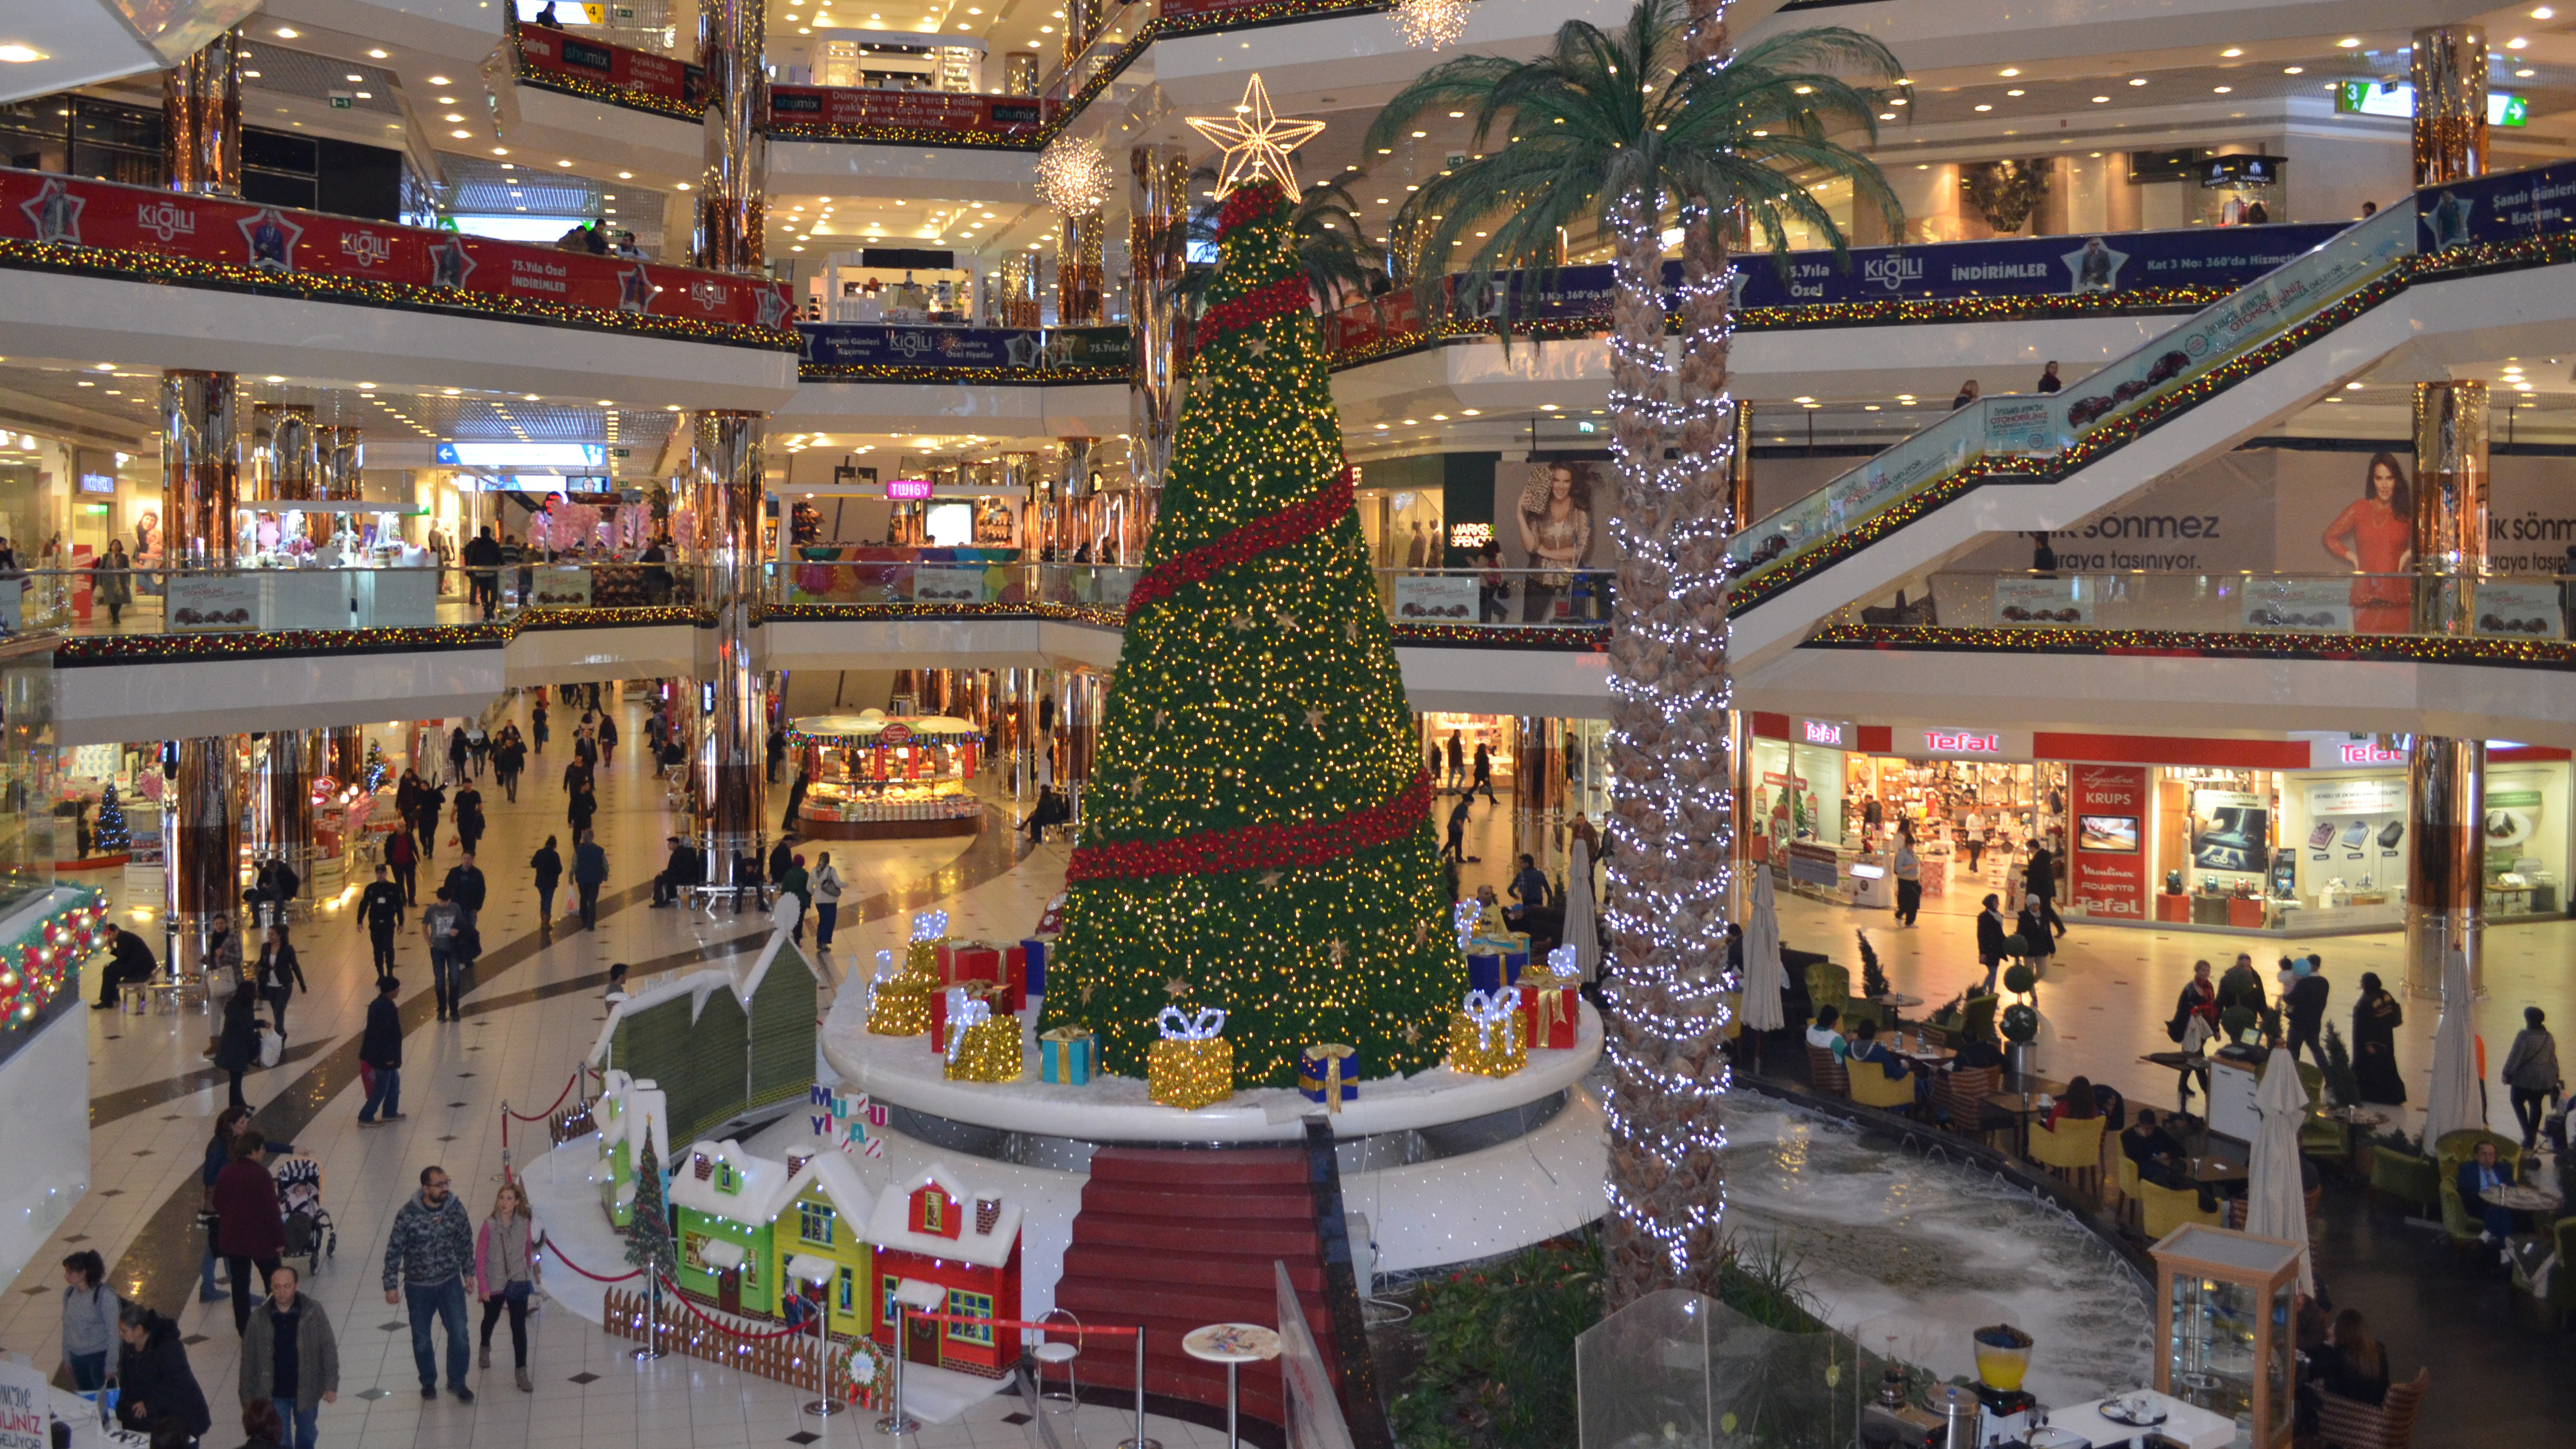 Christmas Lights On Houses With Music